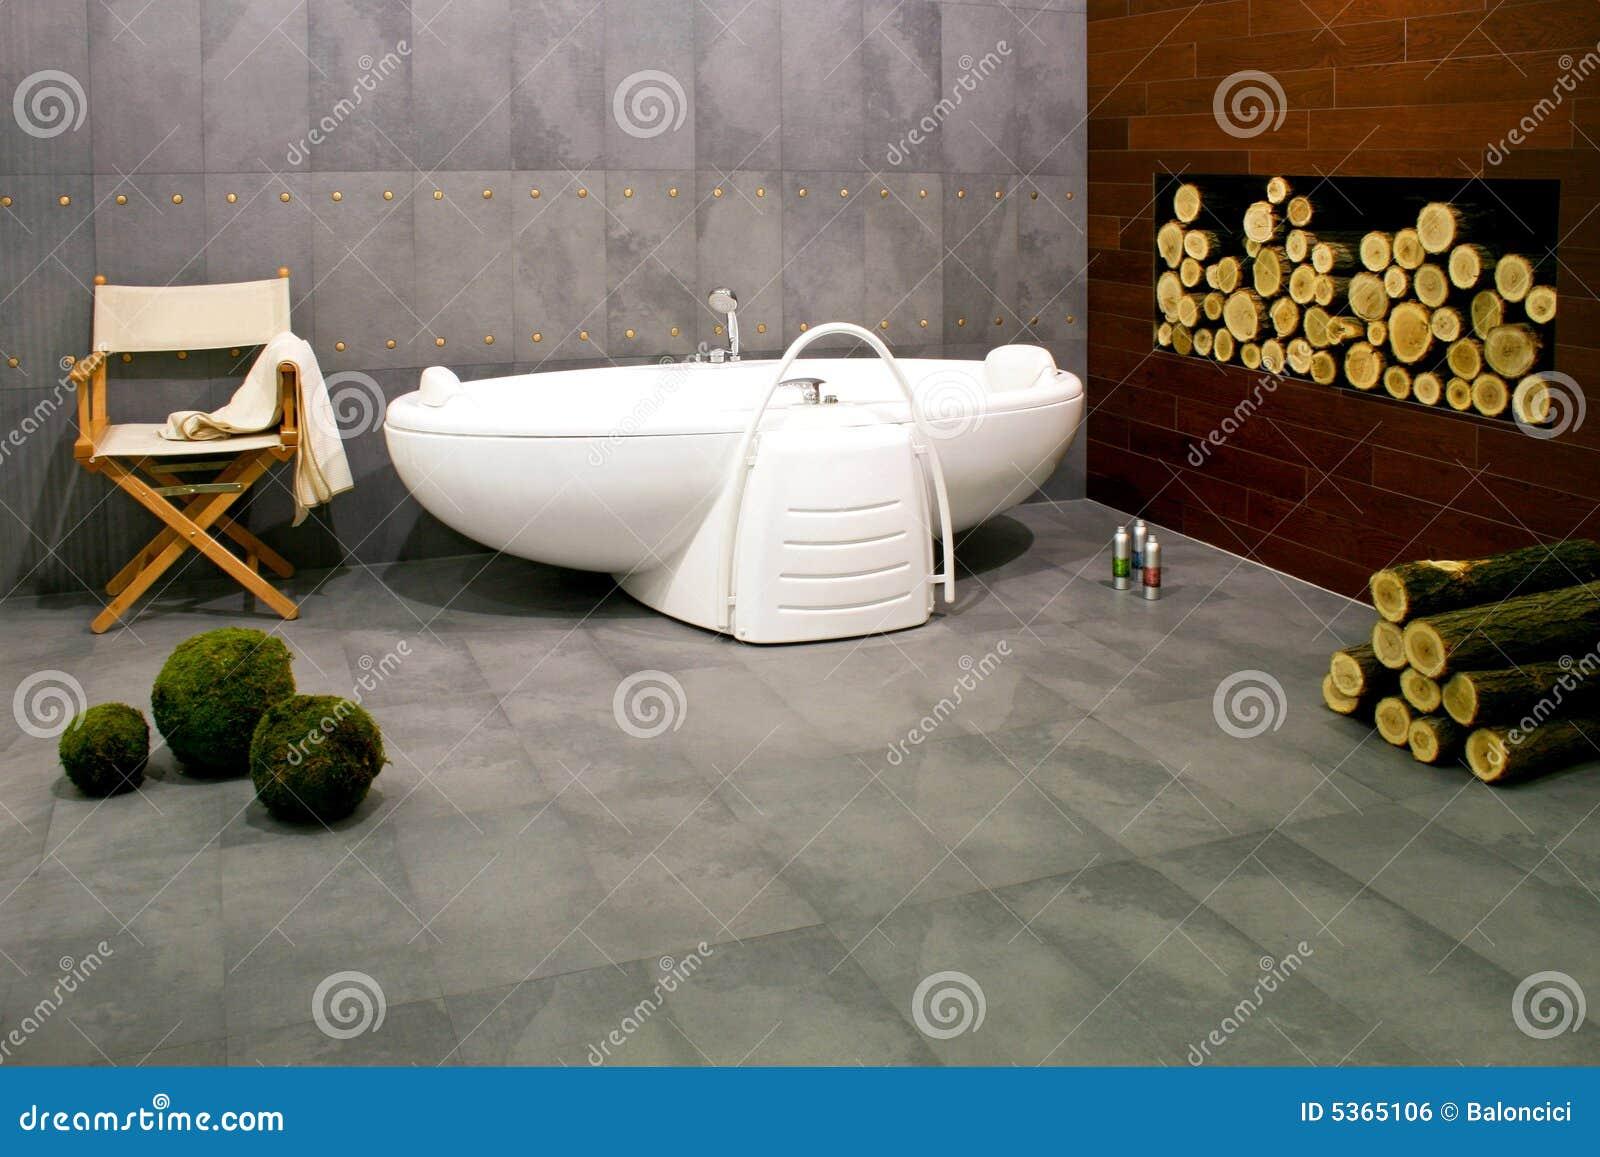 Moderne badkamers met open haard royalty vrije stock afbeelding afbeelding 5365106 - Badkamers ...